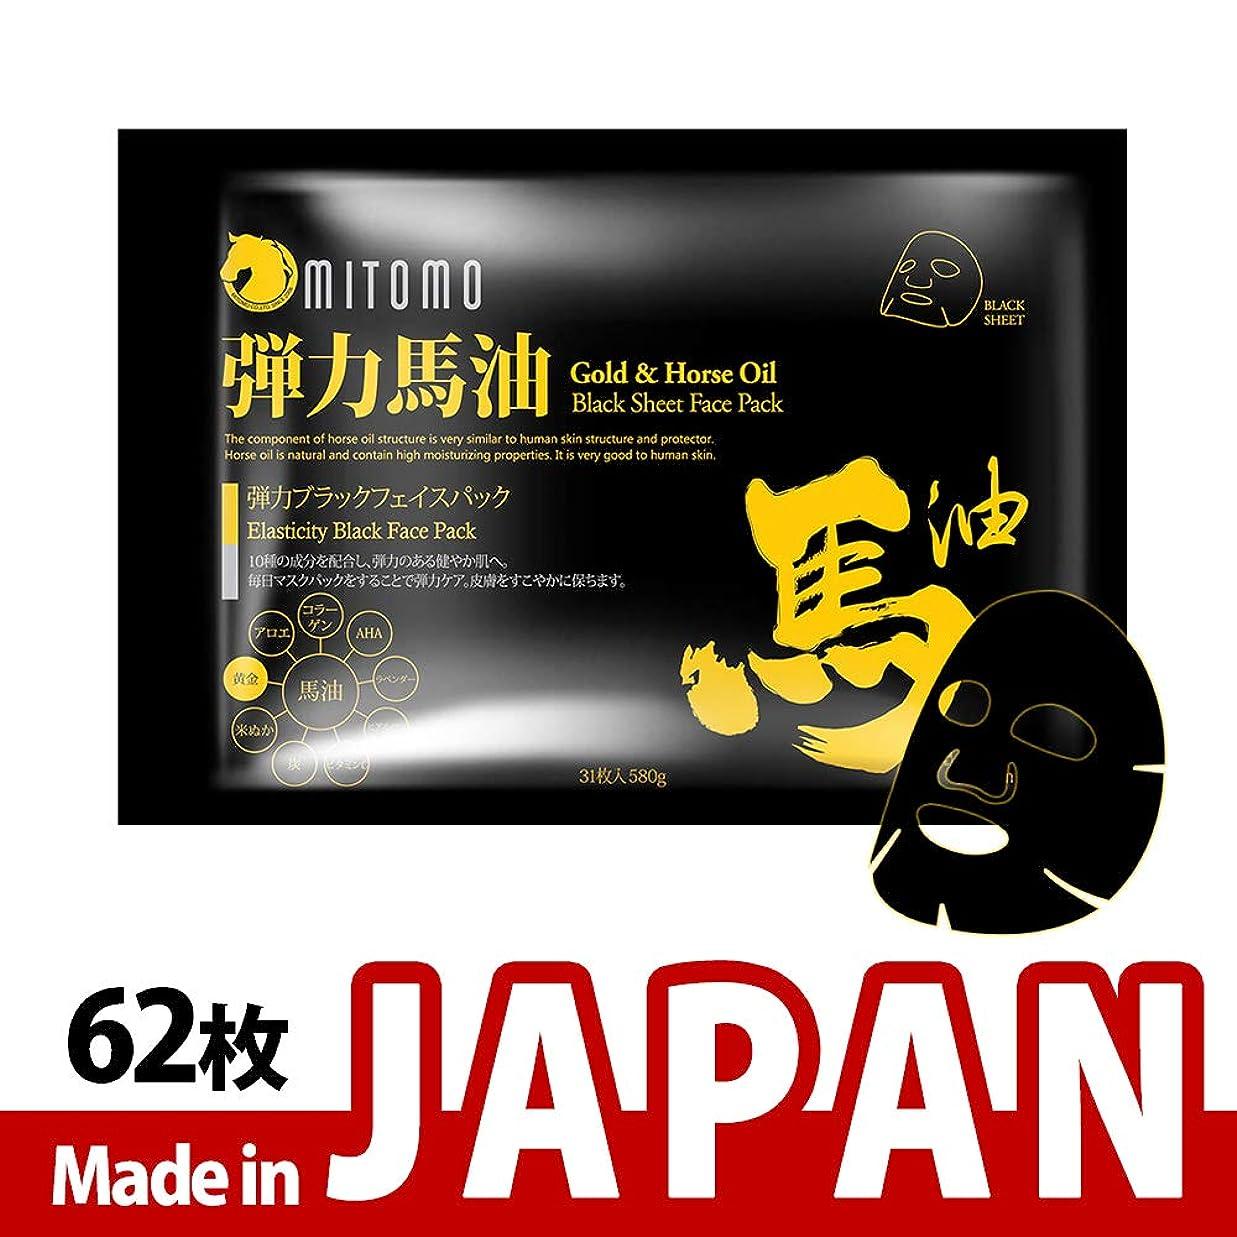 ずっと割り込み合体MITOMO【MC740-C-0】日本製シートマスク/31枚入り/62枚/美容液/マスクパック/送料無料